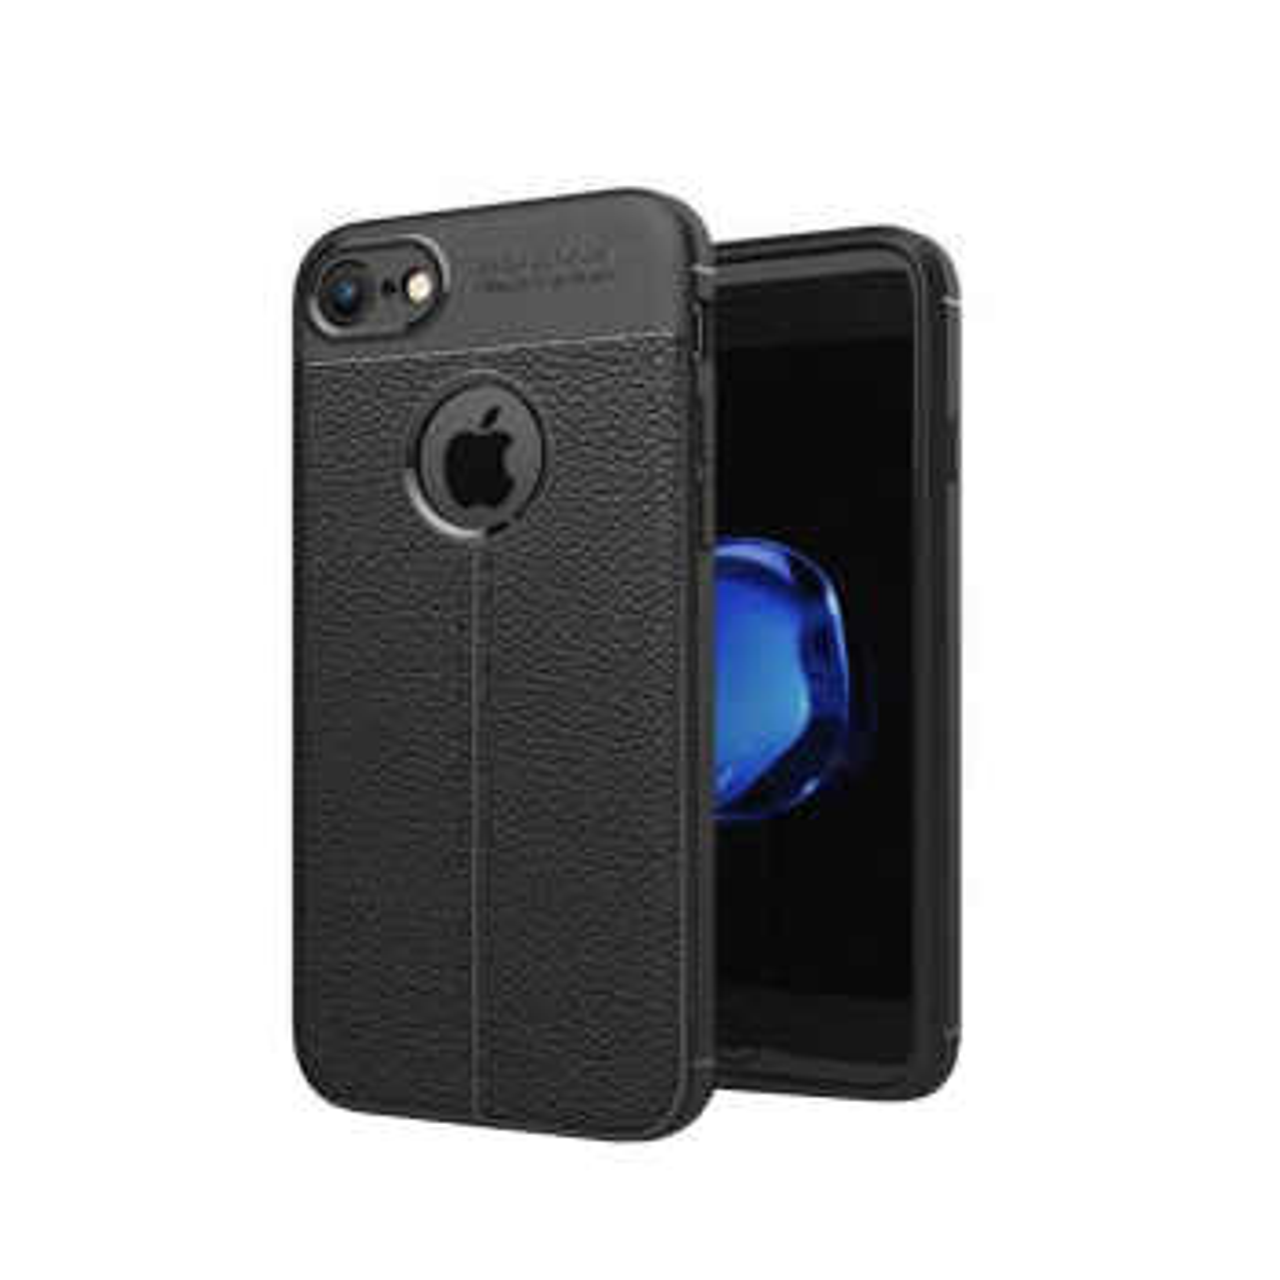 کاور ایبیزا مدل UE2501 مناسب برای گوشی موبایل اپل Iphone 7